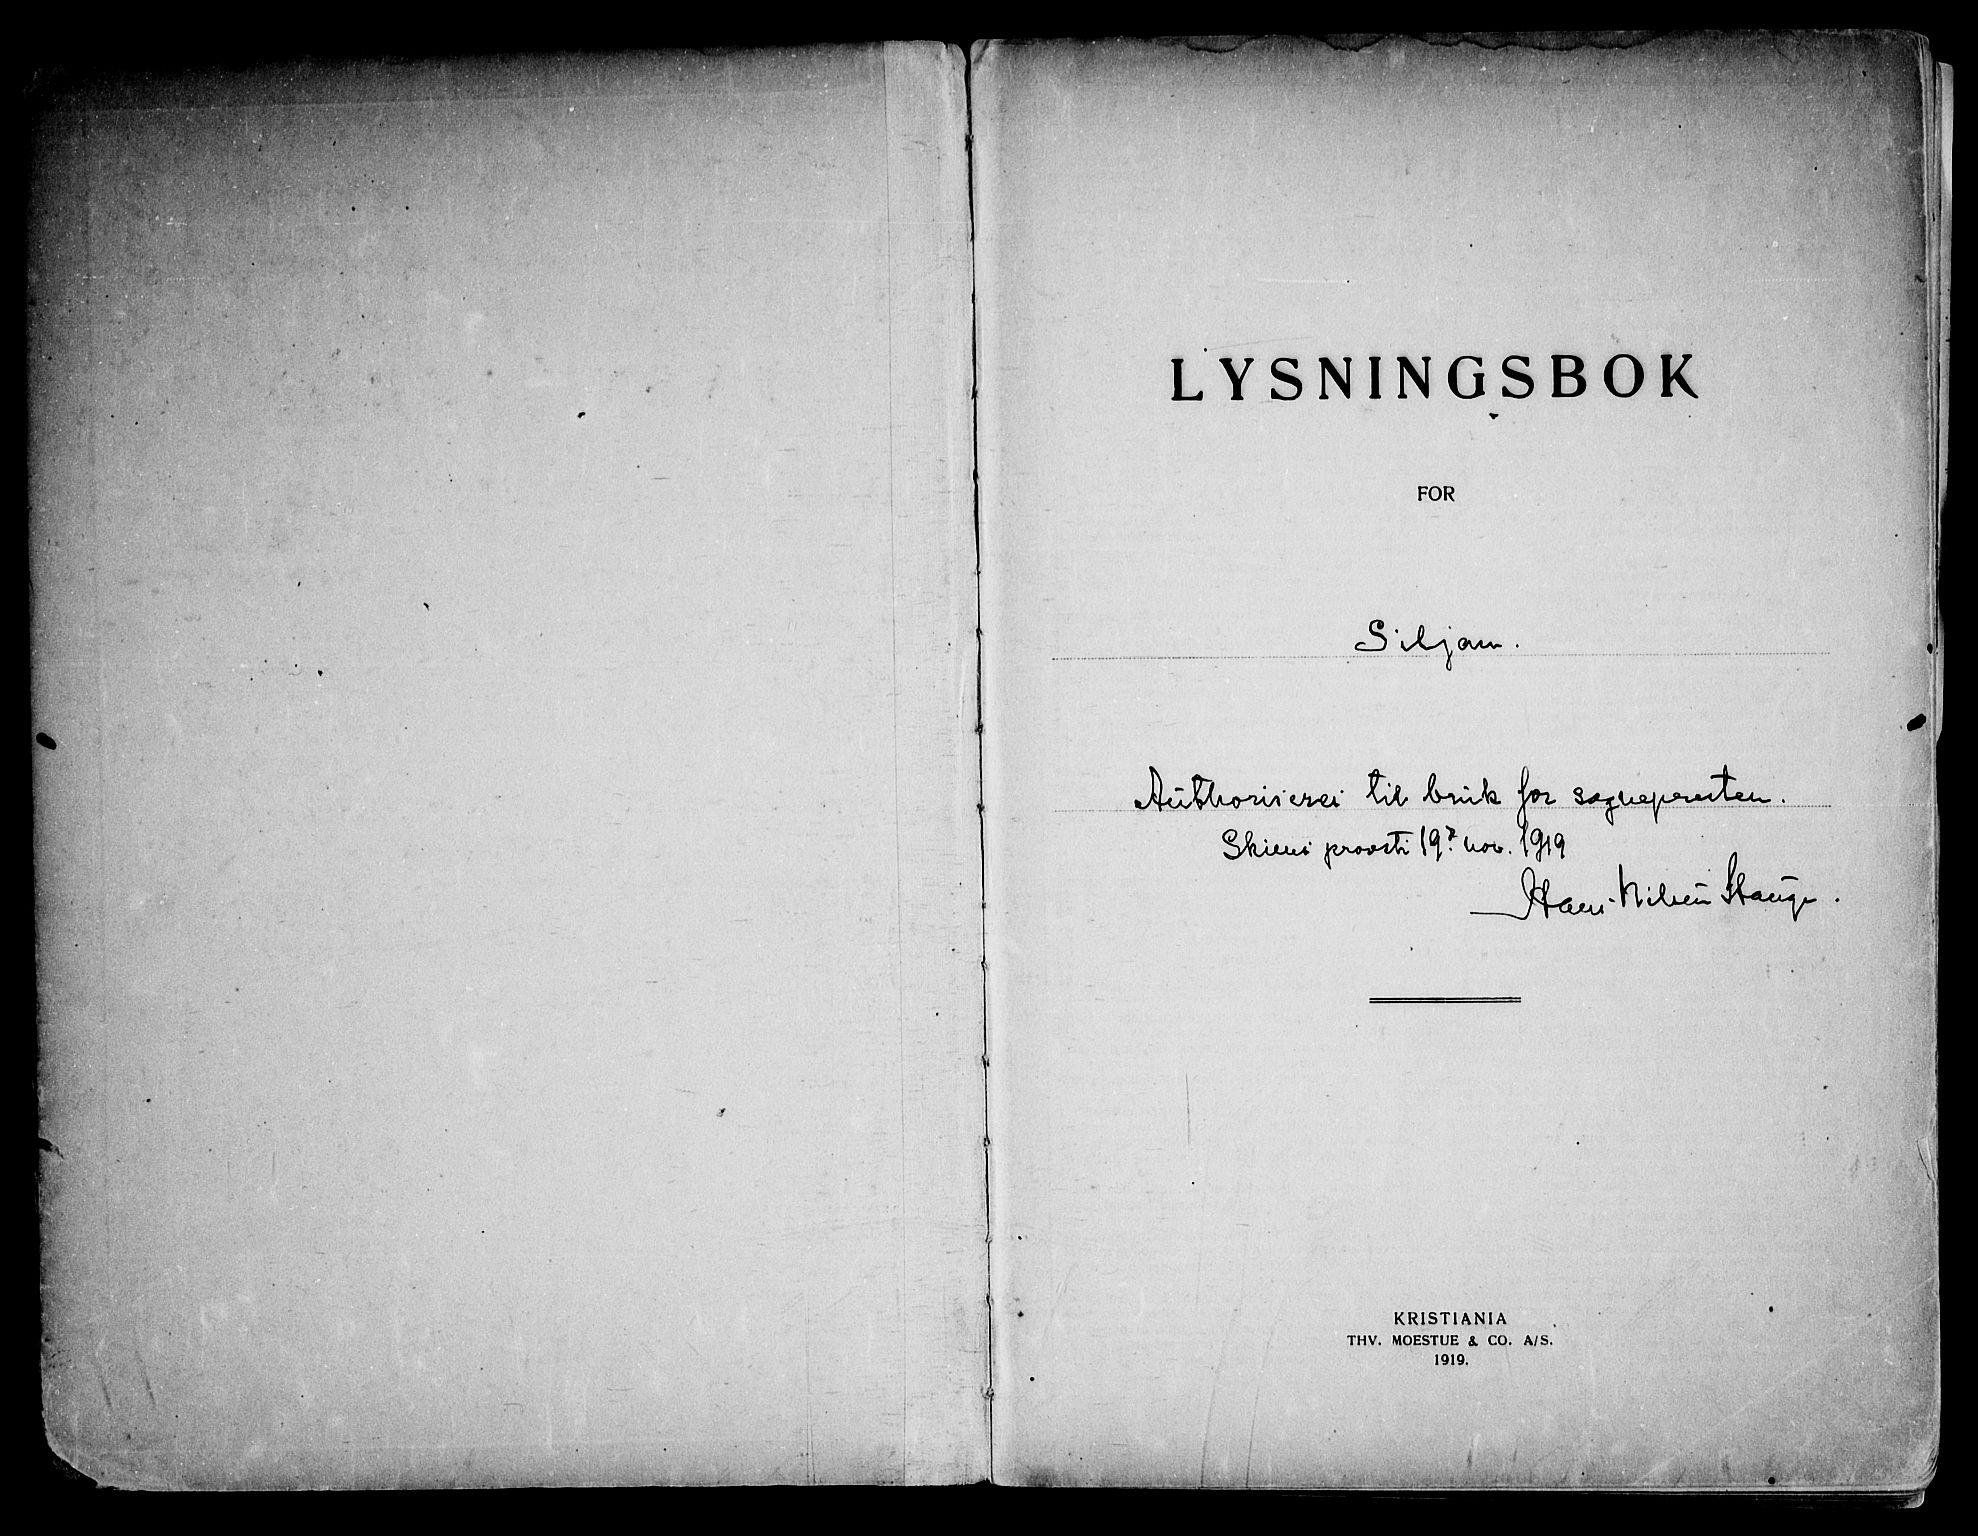 SAKO, Siljan kirkebøker, H/Ha/L0001: Lysningsprotokoll nr. 1, 1919-1975